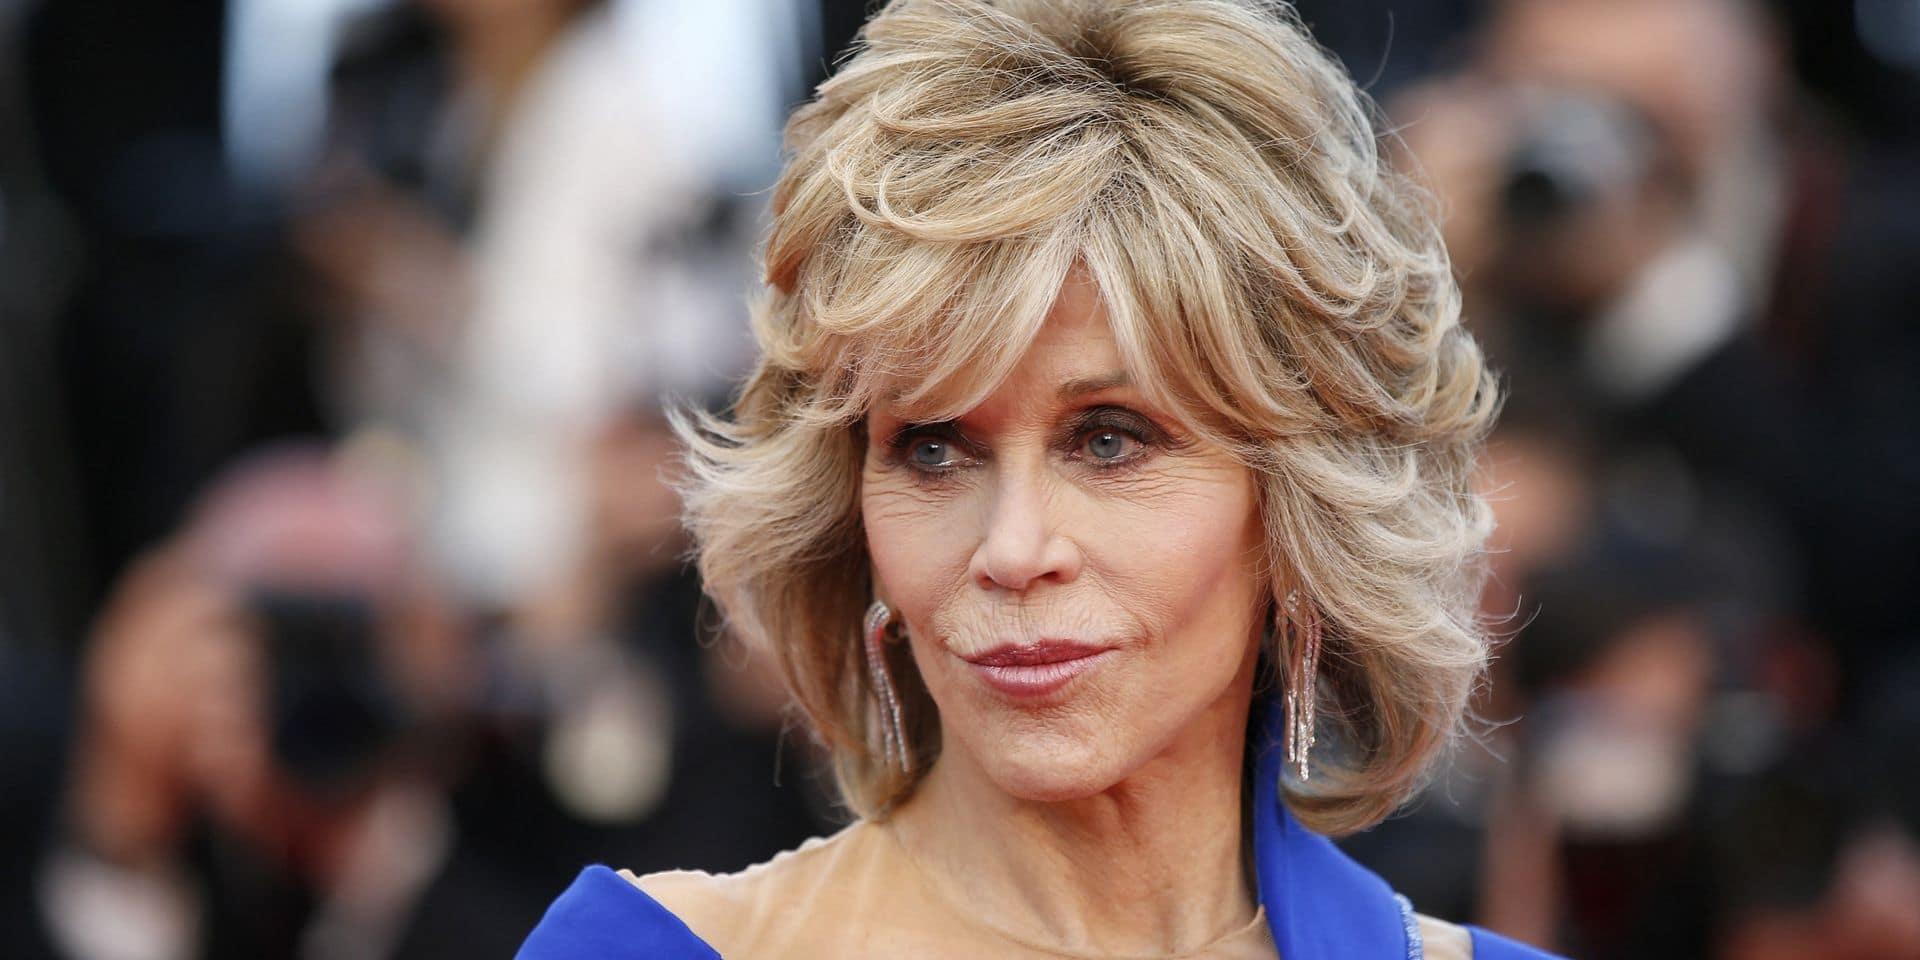 """Jane Fonda s'offre la plus surprenante des métamorphoses capillaires: """"83 ans est la nouvelle vingtaine"""""""